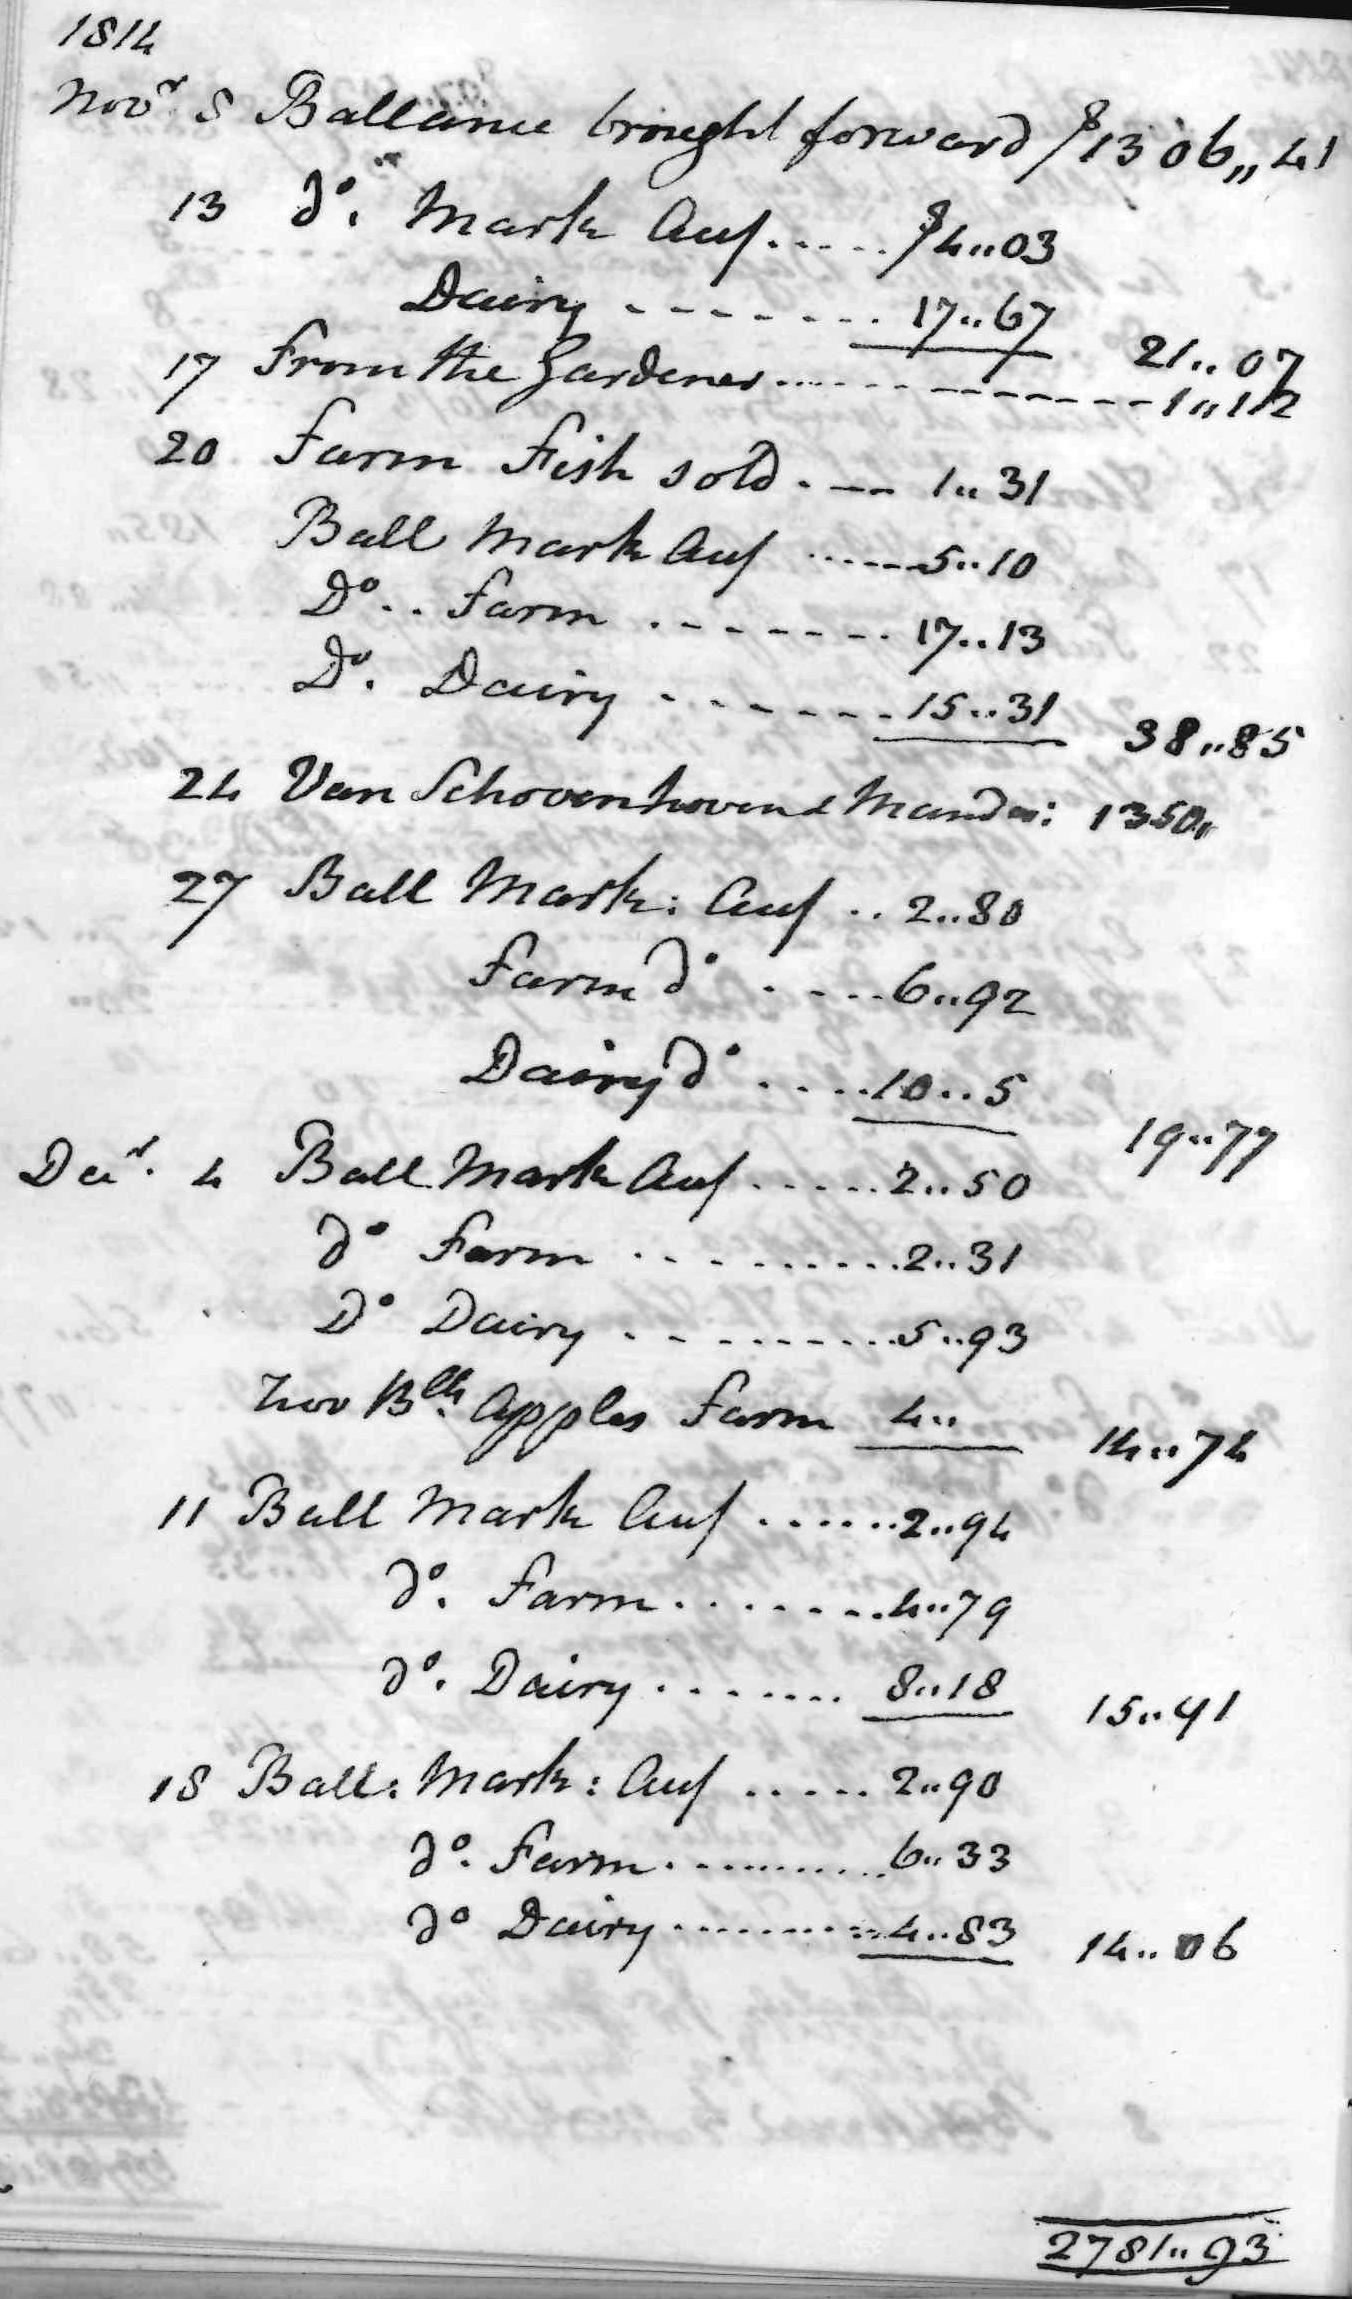 Gouverneur Morris Cash Book, folio 36, left side